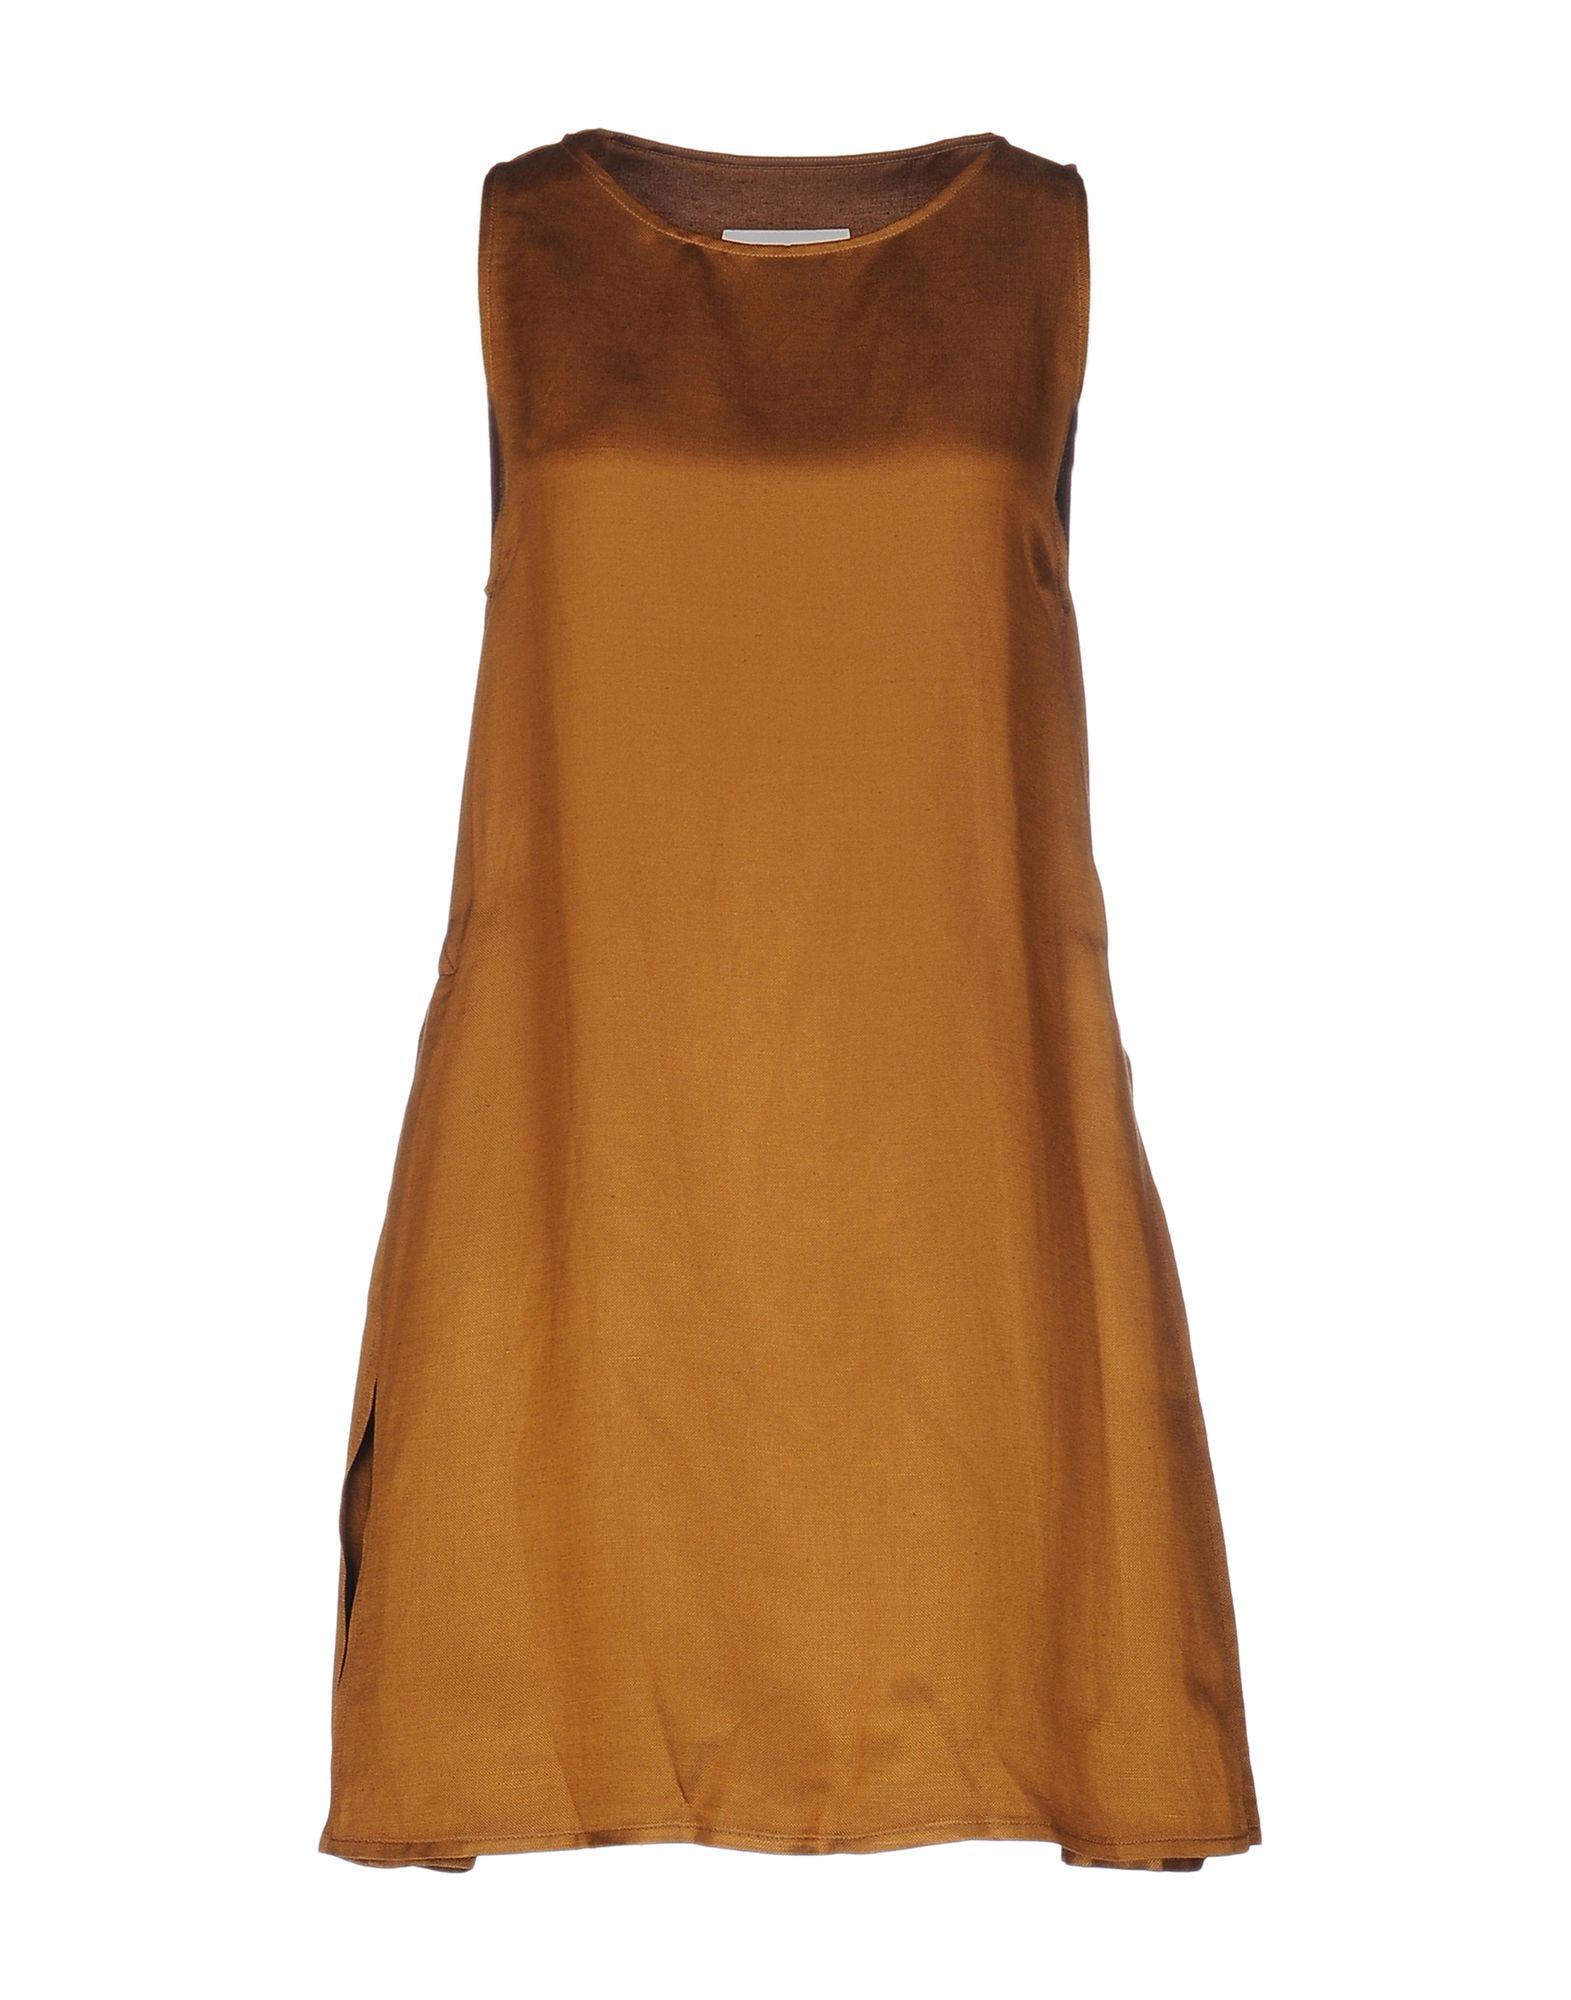 MM6 MAISON MARGIELA Damen Kurzes Kleid Farbe Braun Größe 5 jetztbilligerkaufen